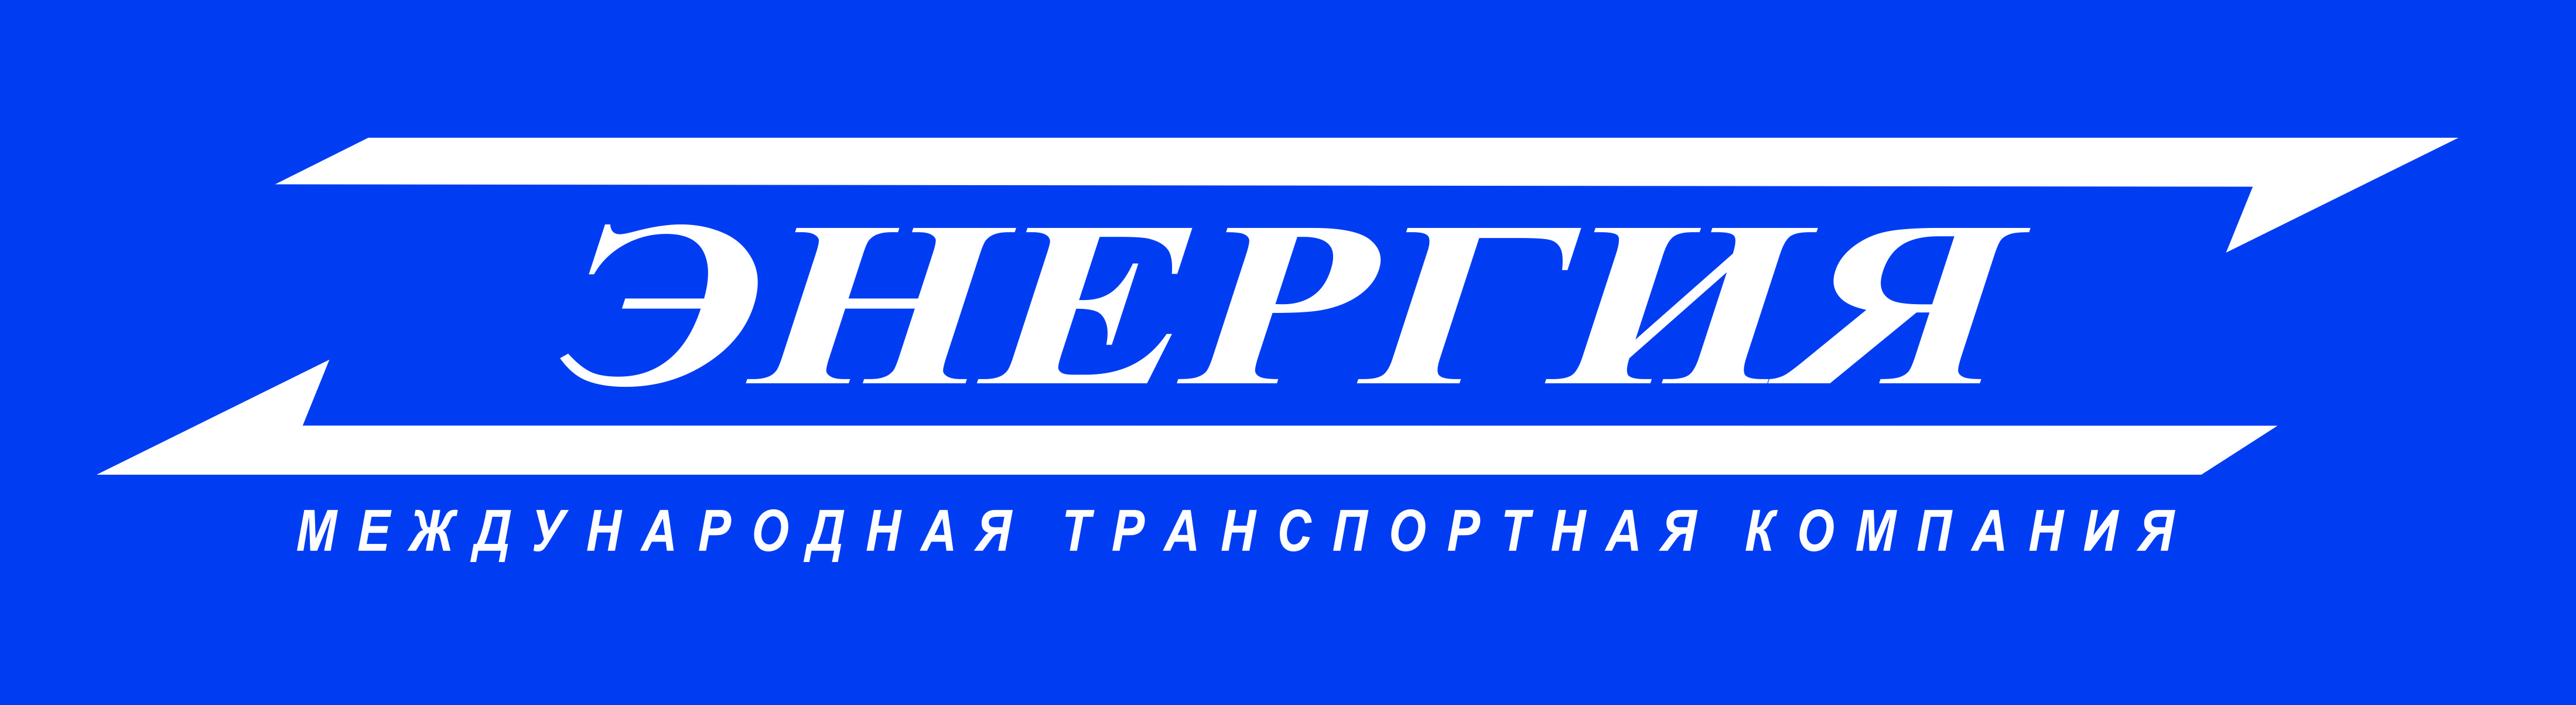 Транспортная компания энергия официальный сайт красноярск рик компания официальный сайт